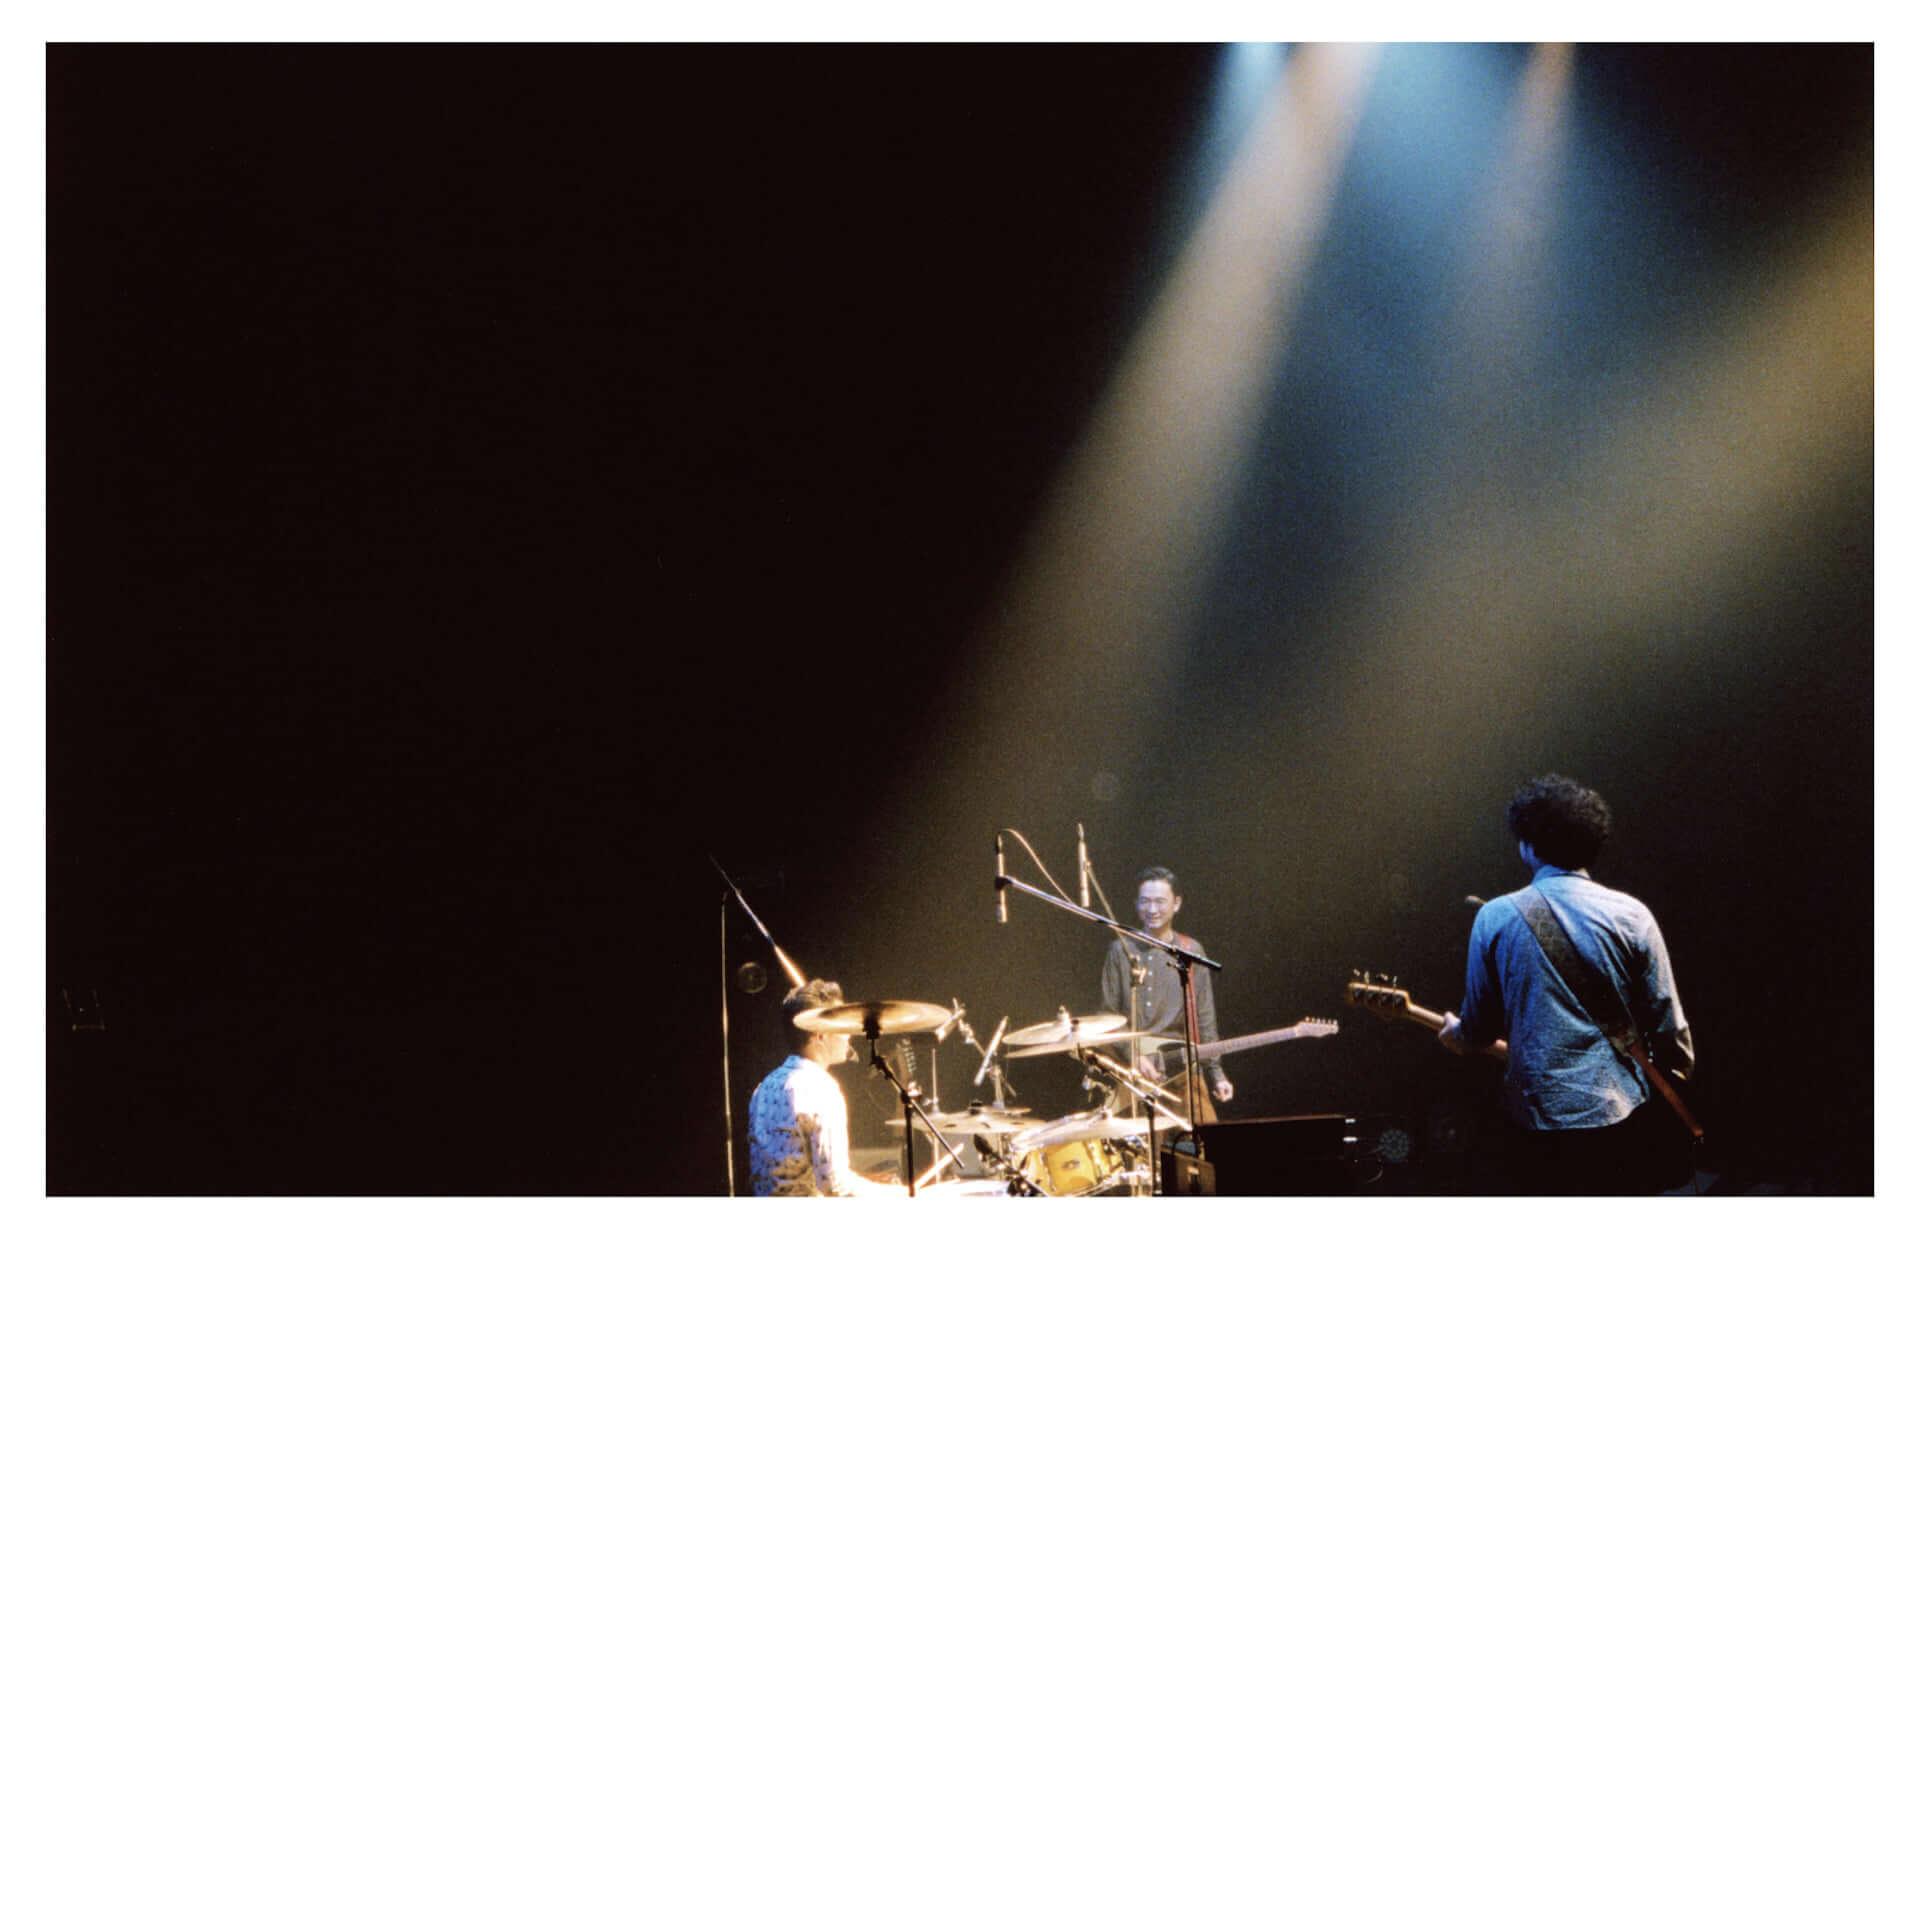 ペトロールズのライブアルバム『SUPER EXCITED(LIVE ALBUM)』がTOWER RECORDSにて一般発売決定!三宅正一による紹介文も到着 music201125_petrolz_2-1920x1920